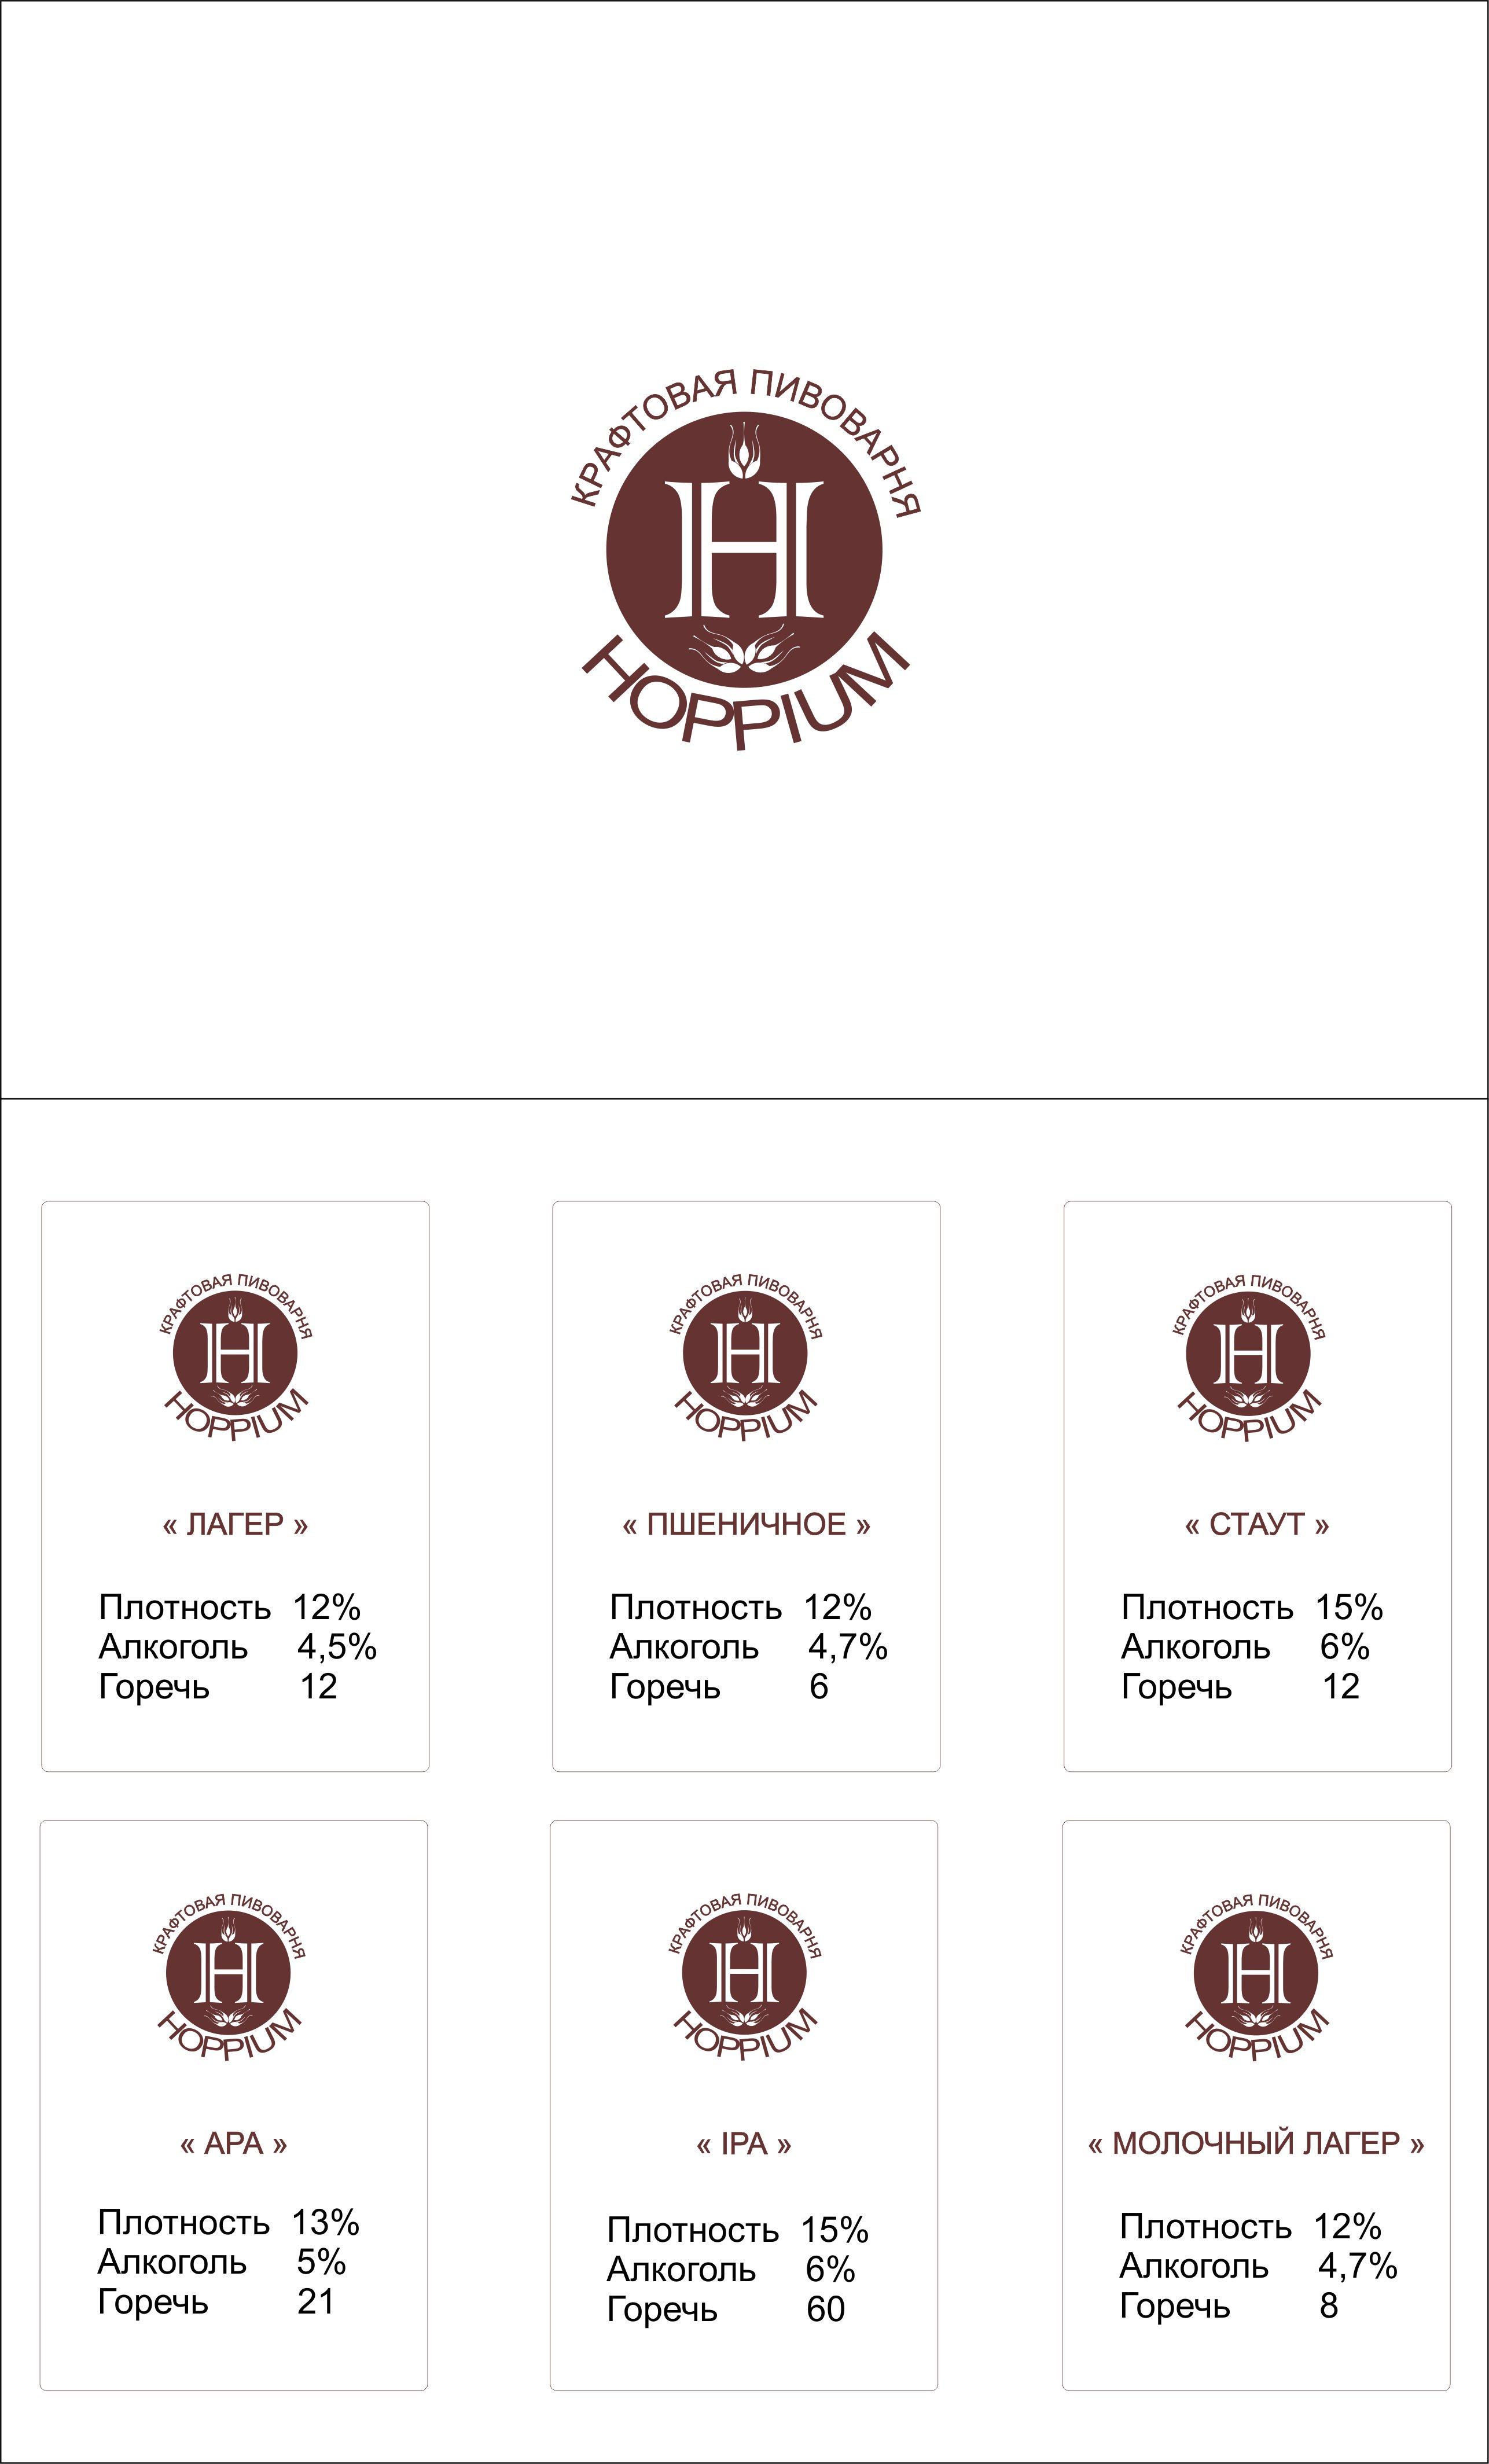 Логотип + Ценники для подмосковной крафтовой пивоварни фото f_3785dc71e1e86f94.jpg